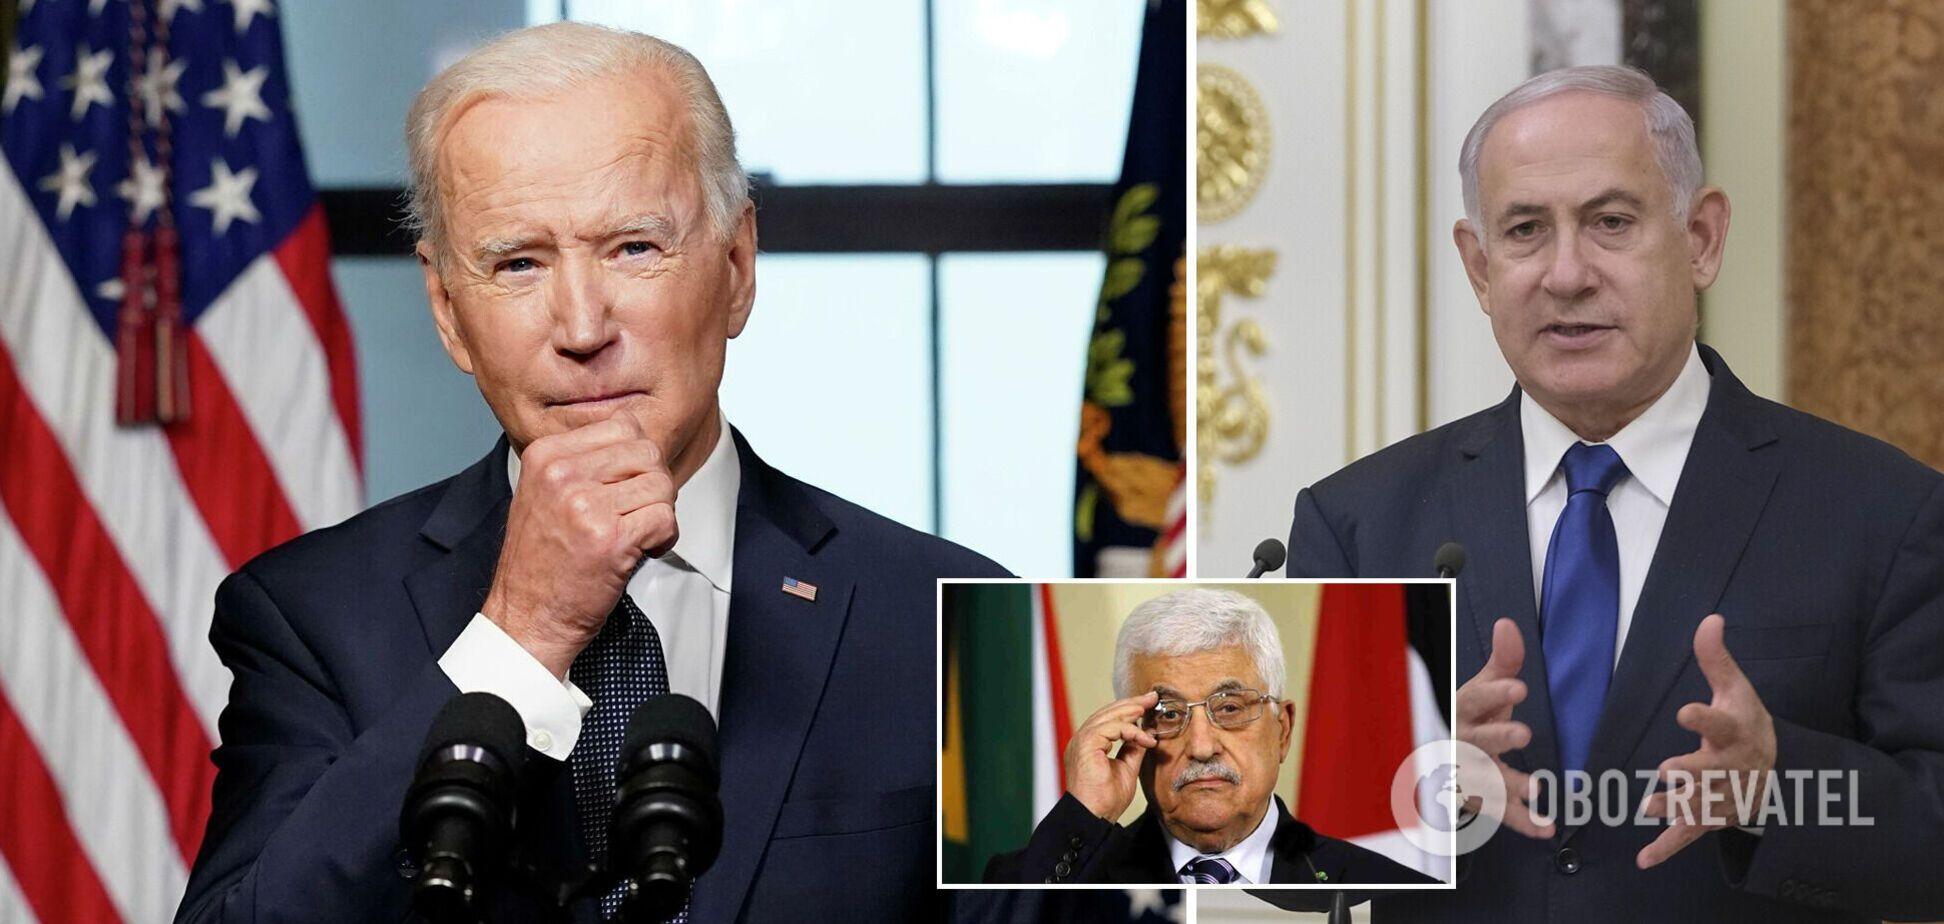 Байден обсудил с Нетаньяху и Аббасом обострение в секторе Газа